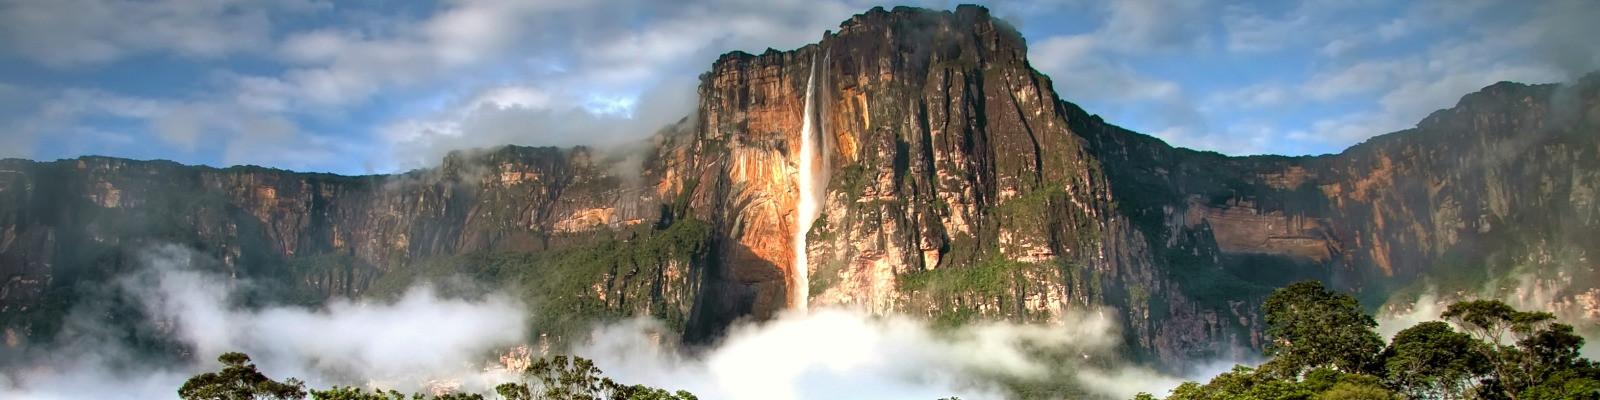 Atemberaubendes Photo auf einer Rundreise durch Venezuela